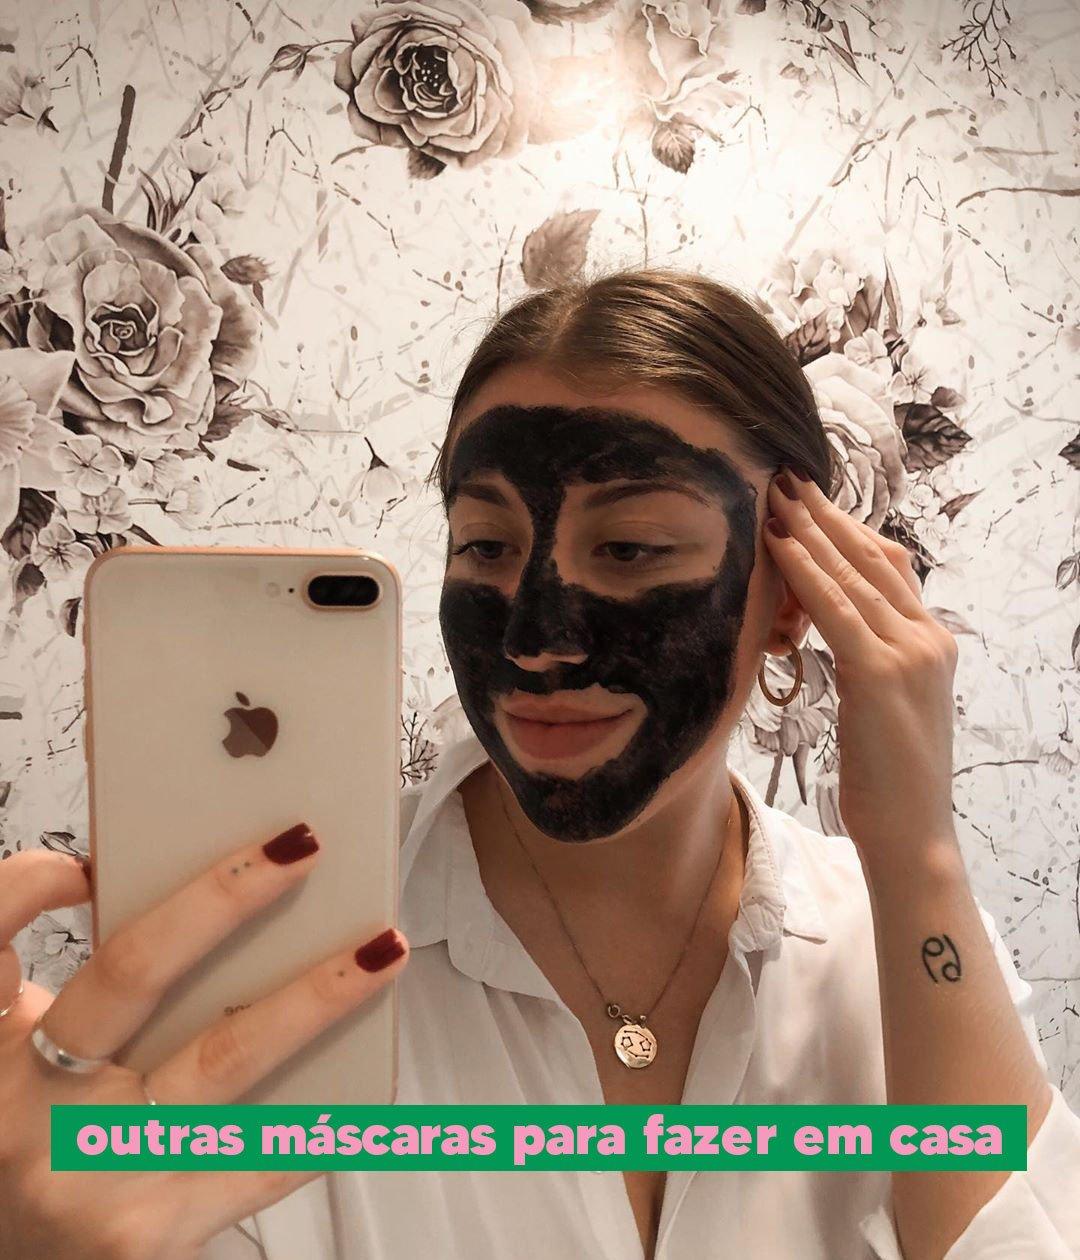 Giulia Coronato - Máscara facial - Skincare caseiro - Outono - Em casa - https://stealthelook.com.br